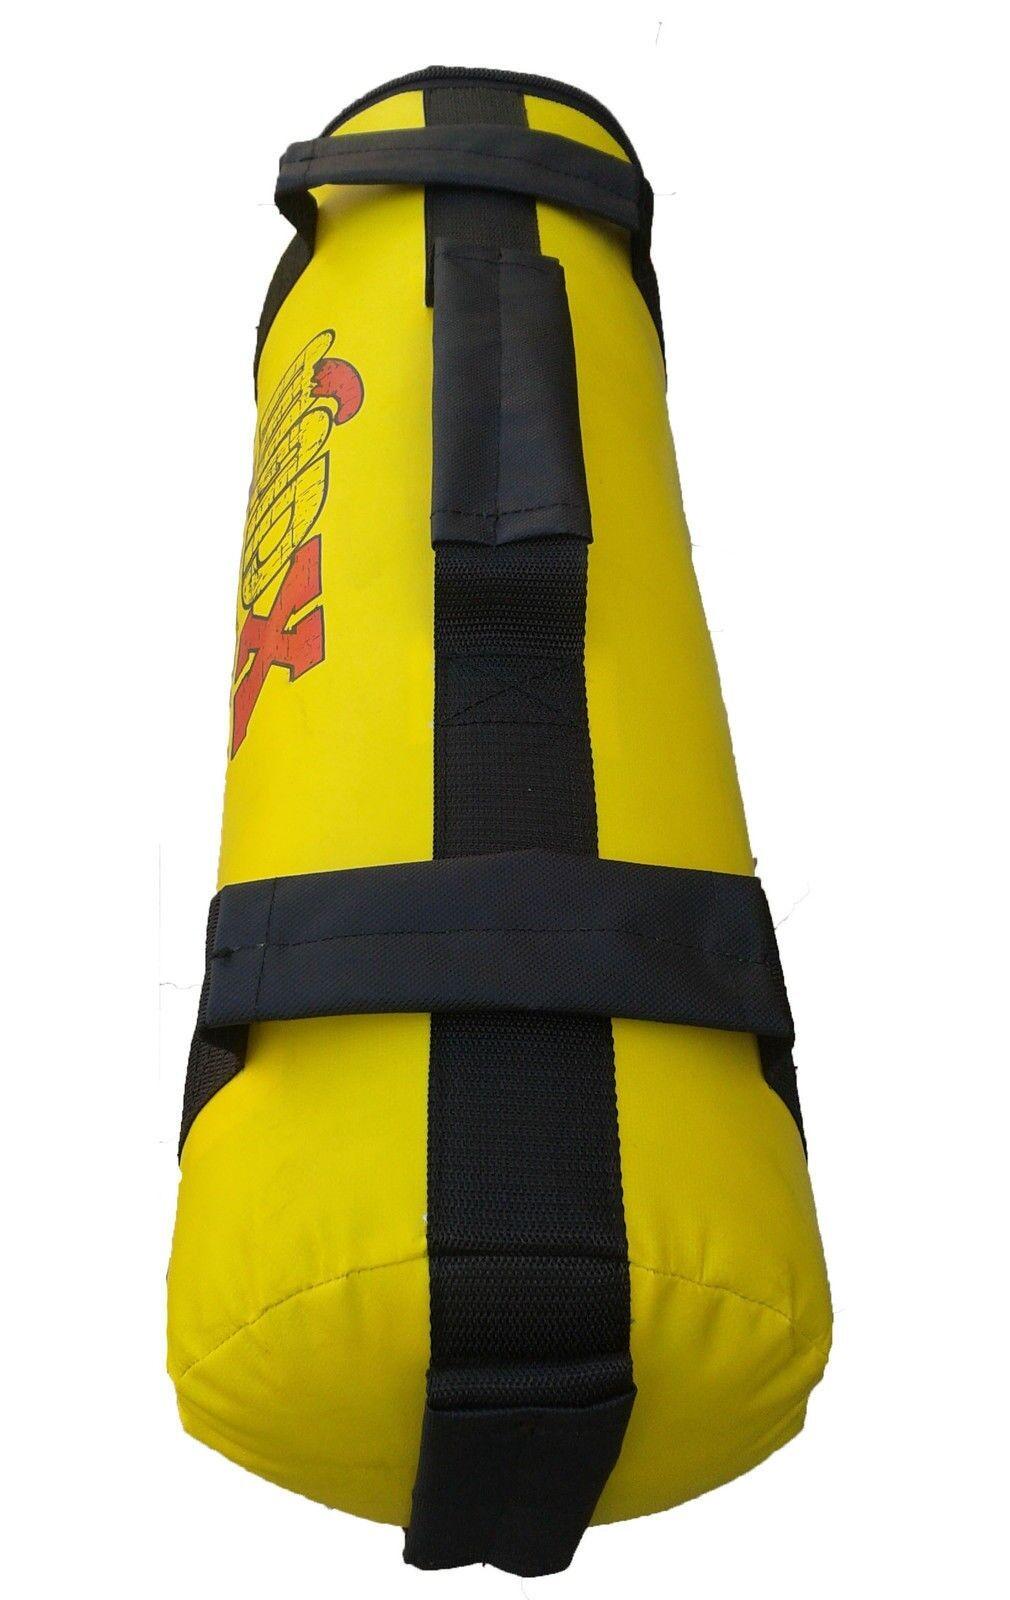 Madx 10KG panno di potenza / Sand sacchetto pieno CROSSFIT BOXE MMA ALLENAUomoTO